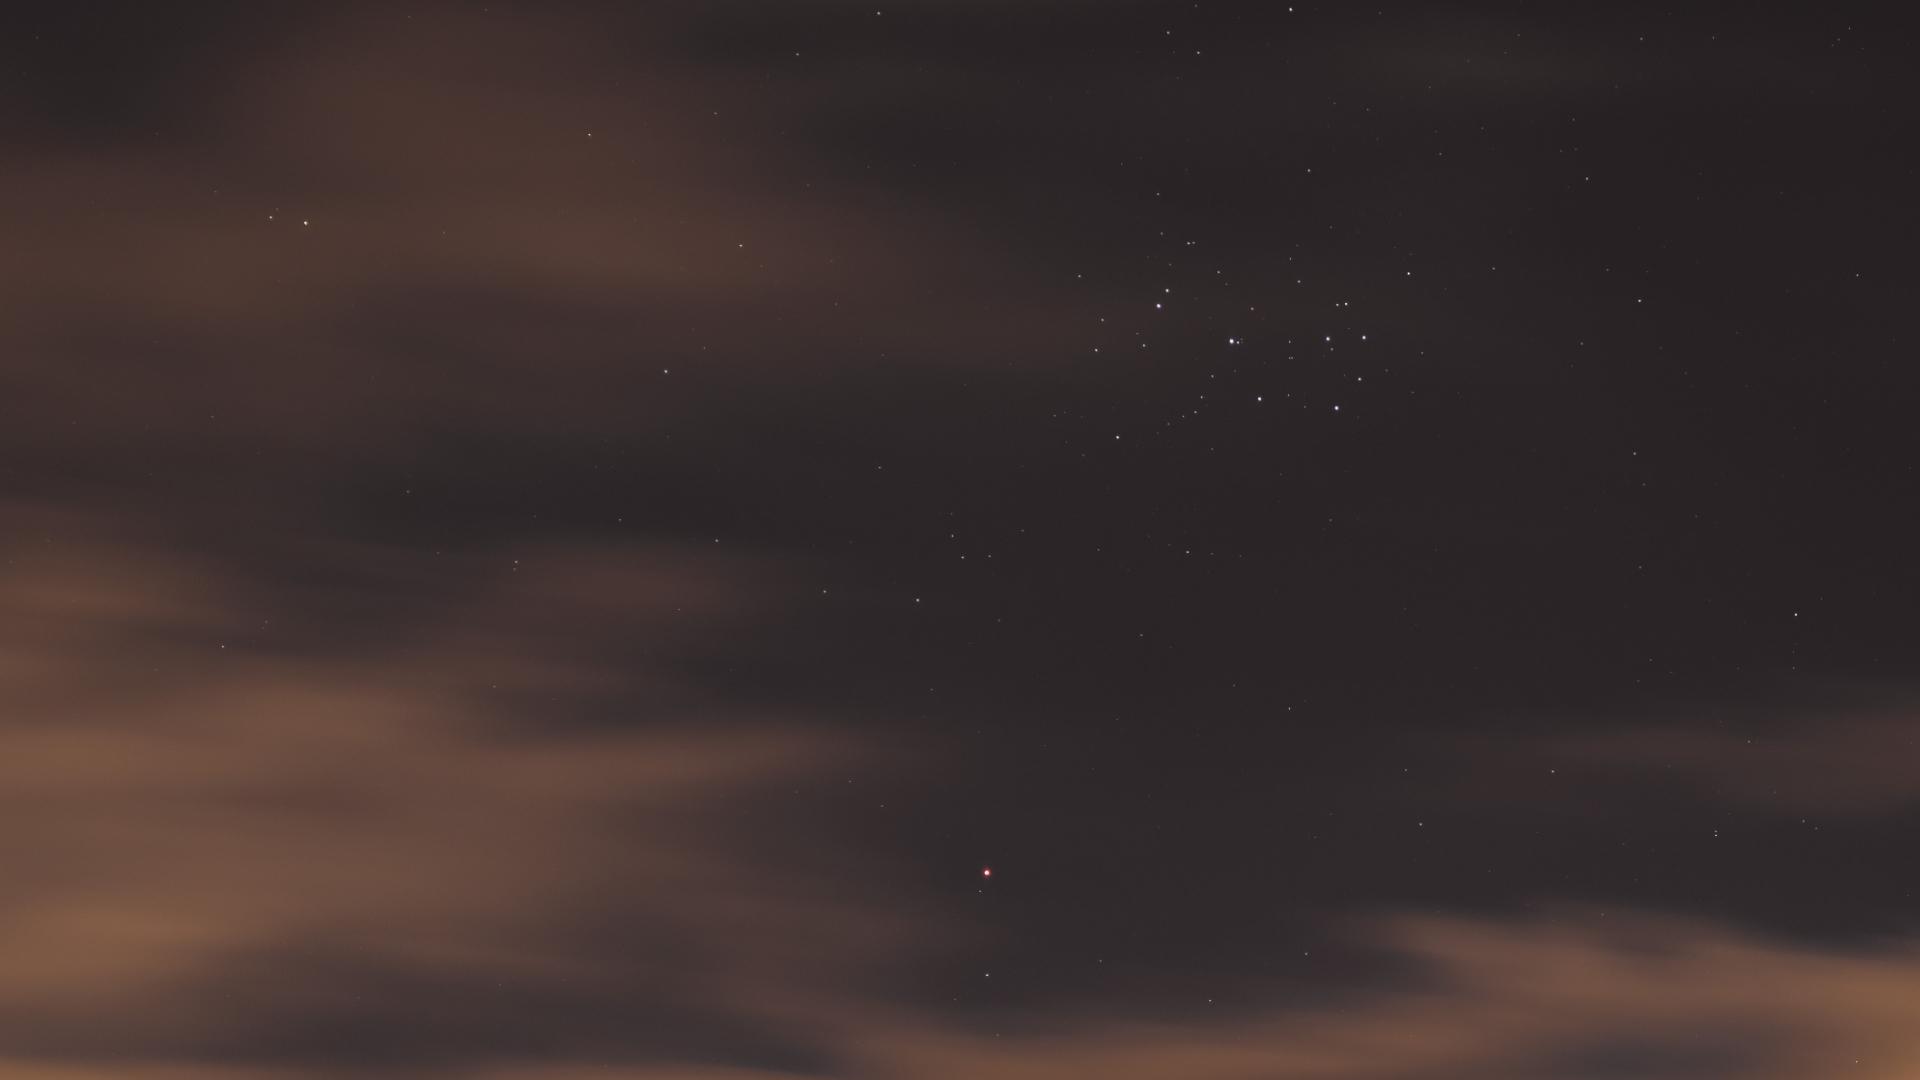 En ce moment, Mars se promène entre deux amas d'étoiles - Numerama